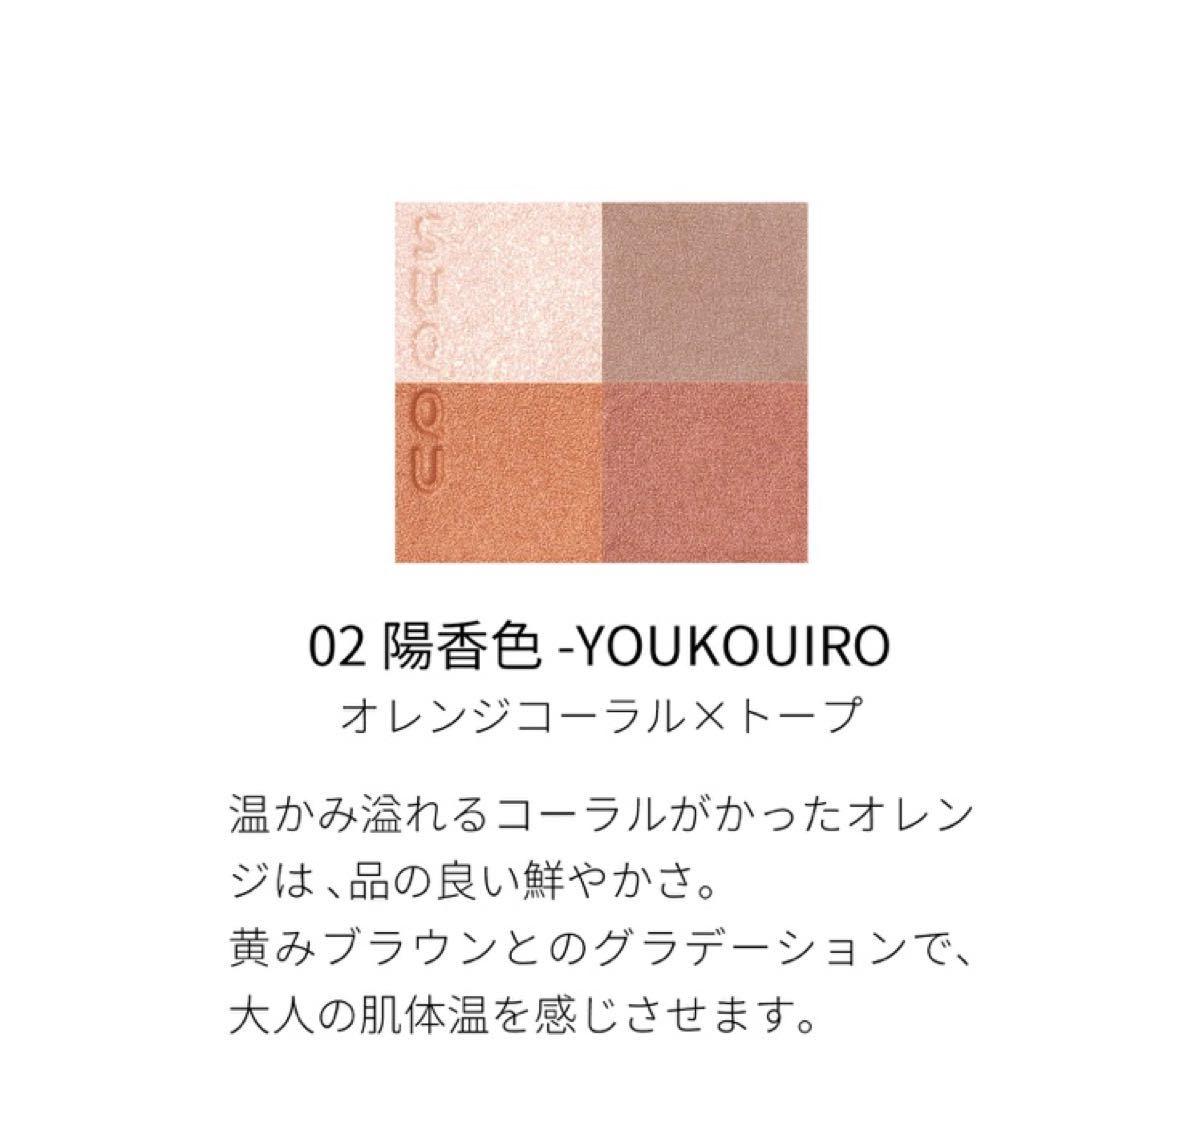 スック SUQQU シグニチャー カラー アイズ 02 陽香色 -YOUKOUIRO